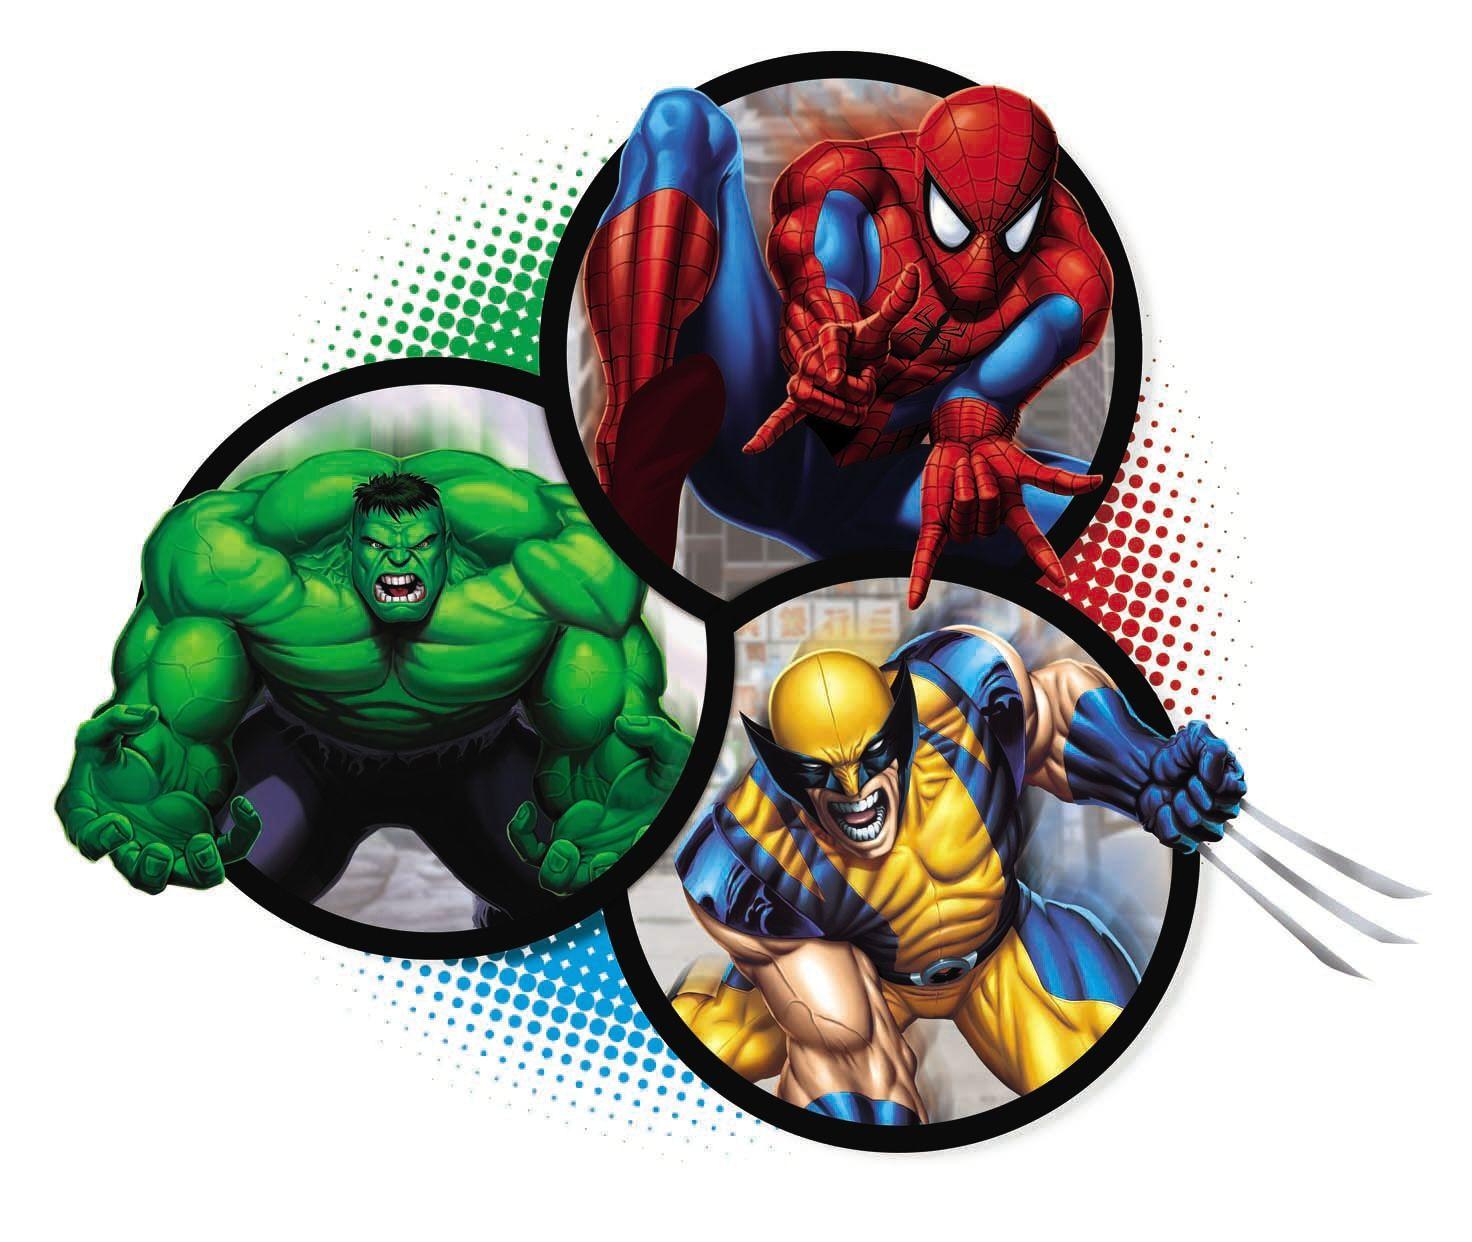 Spider-Man hulk wolverine